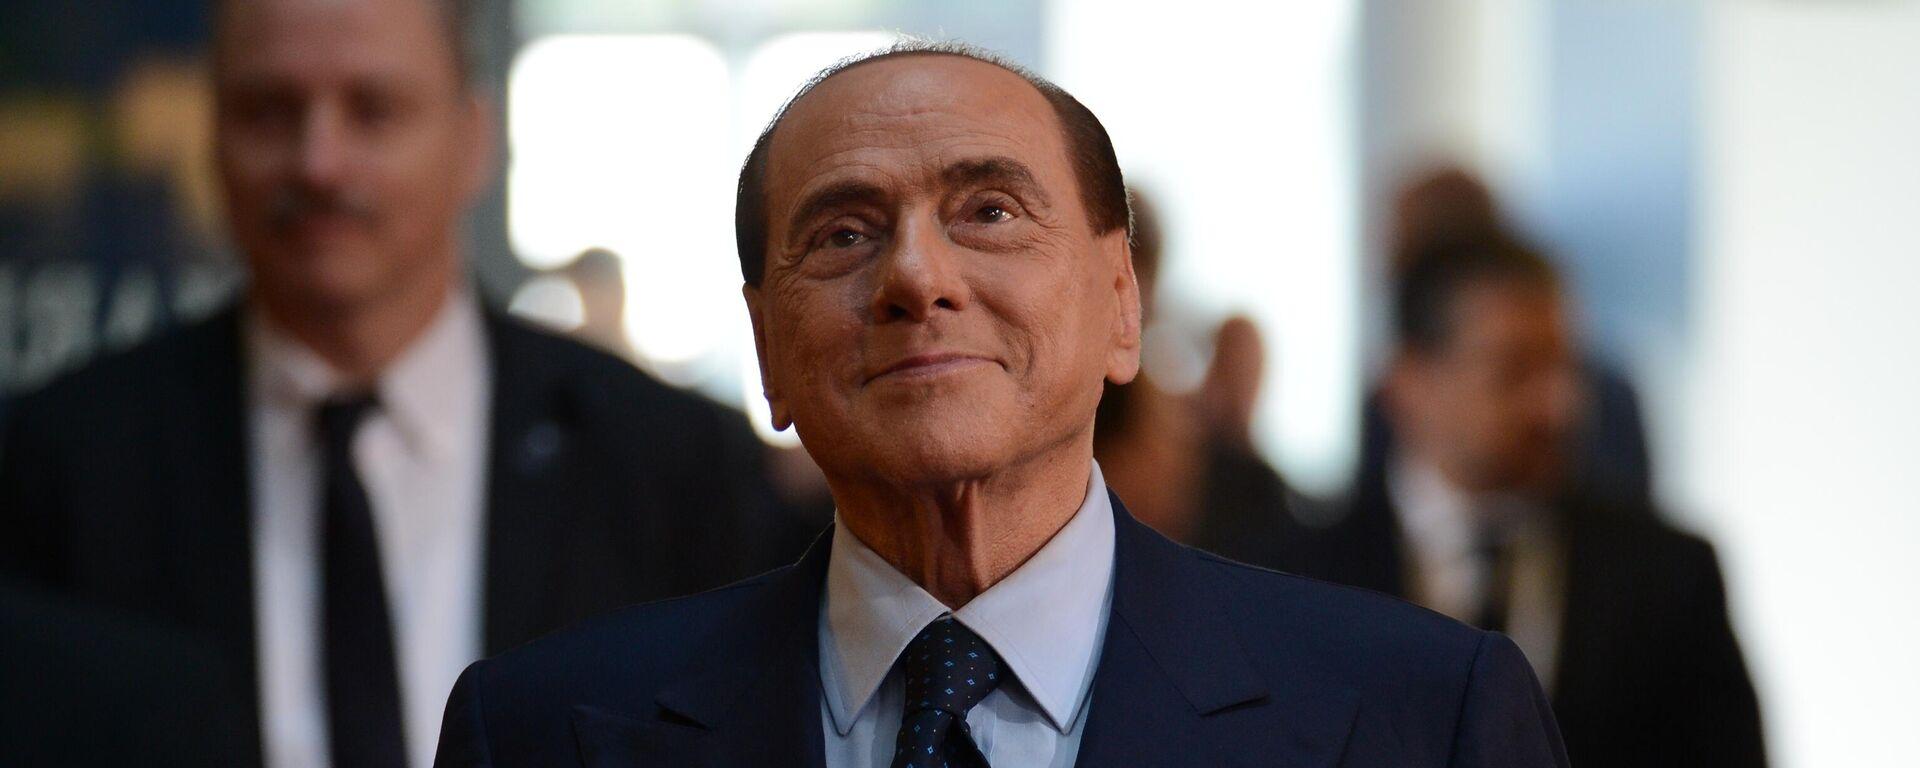 Бывший председатель Совета министров Италии Сильвио Берлускони - Sputnik Таджикистан, 1920, 27.08.2021